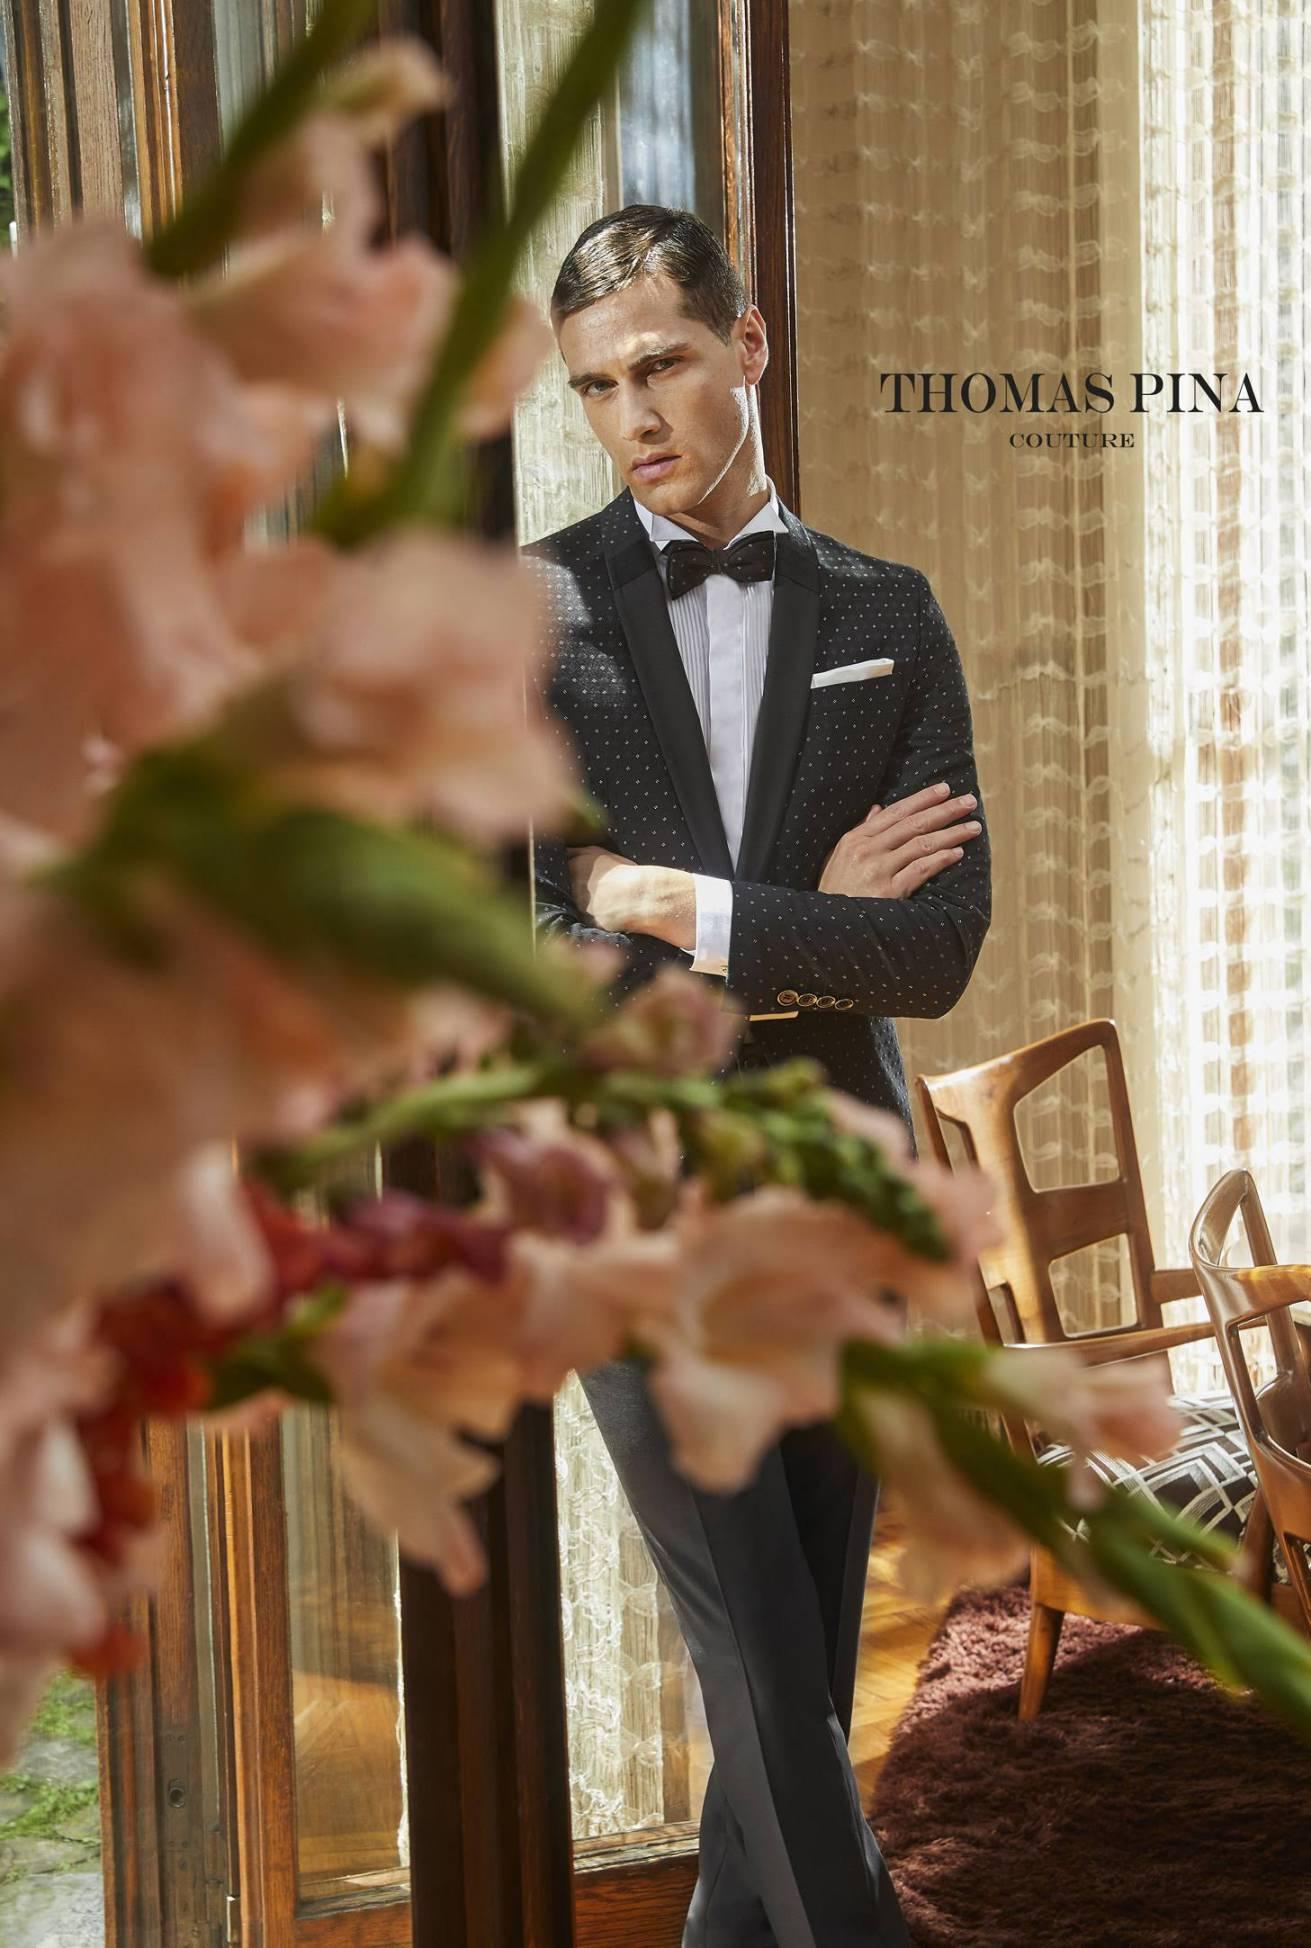 06_Thomas Pina_1938000_Nero_1466